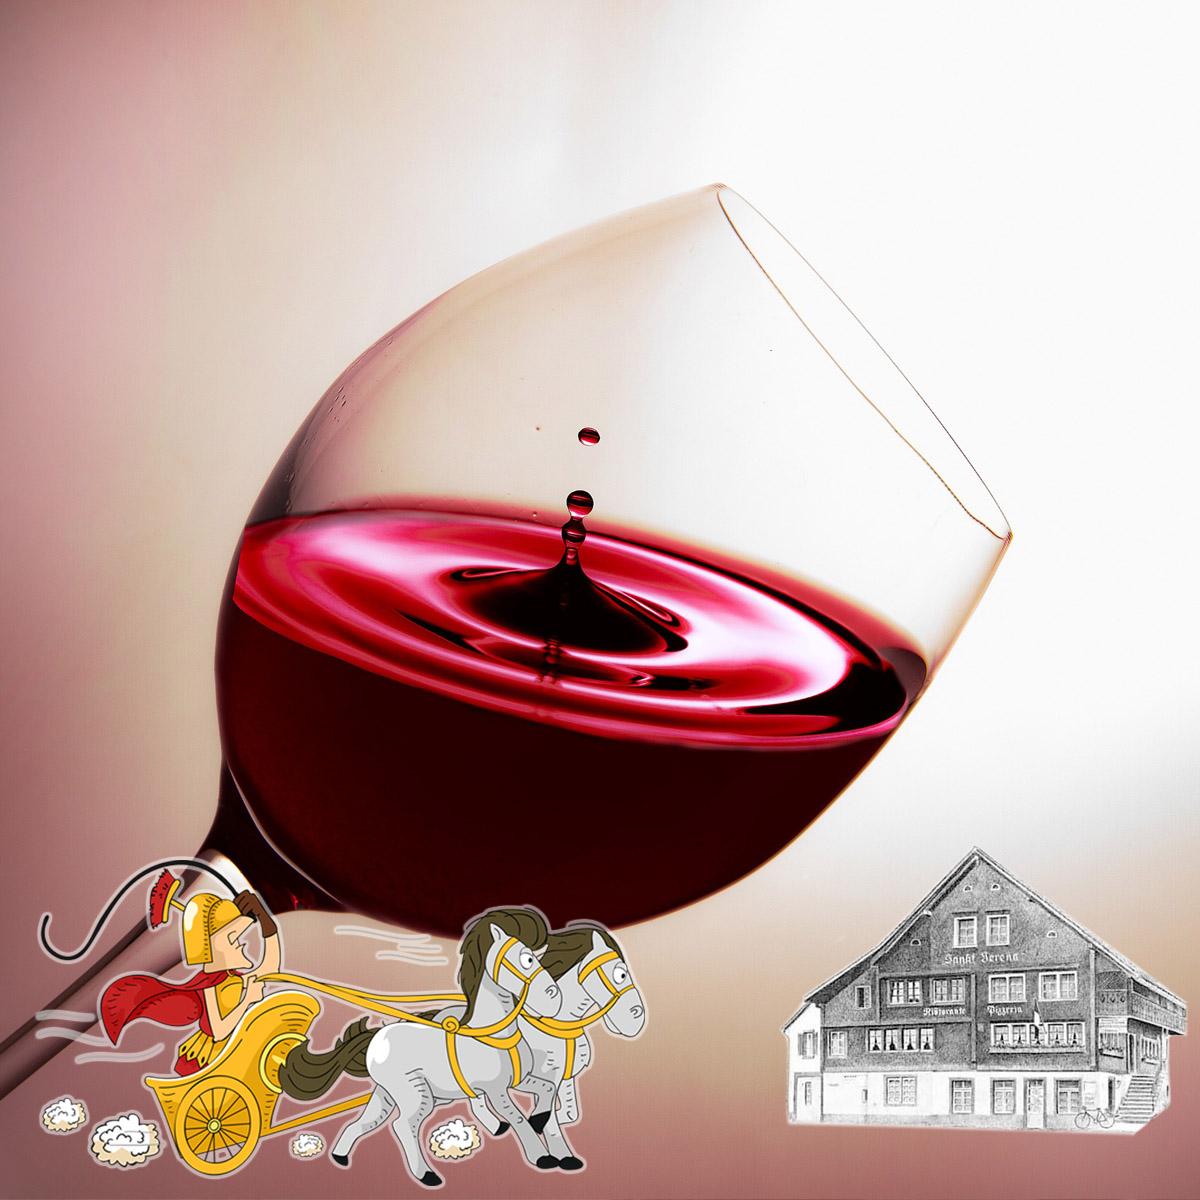 Santa Verena - Wein Göthe